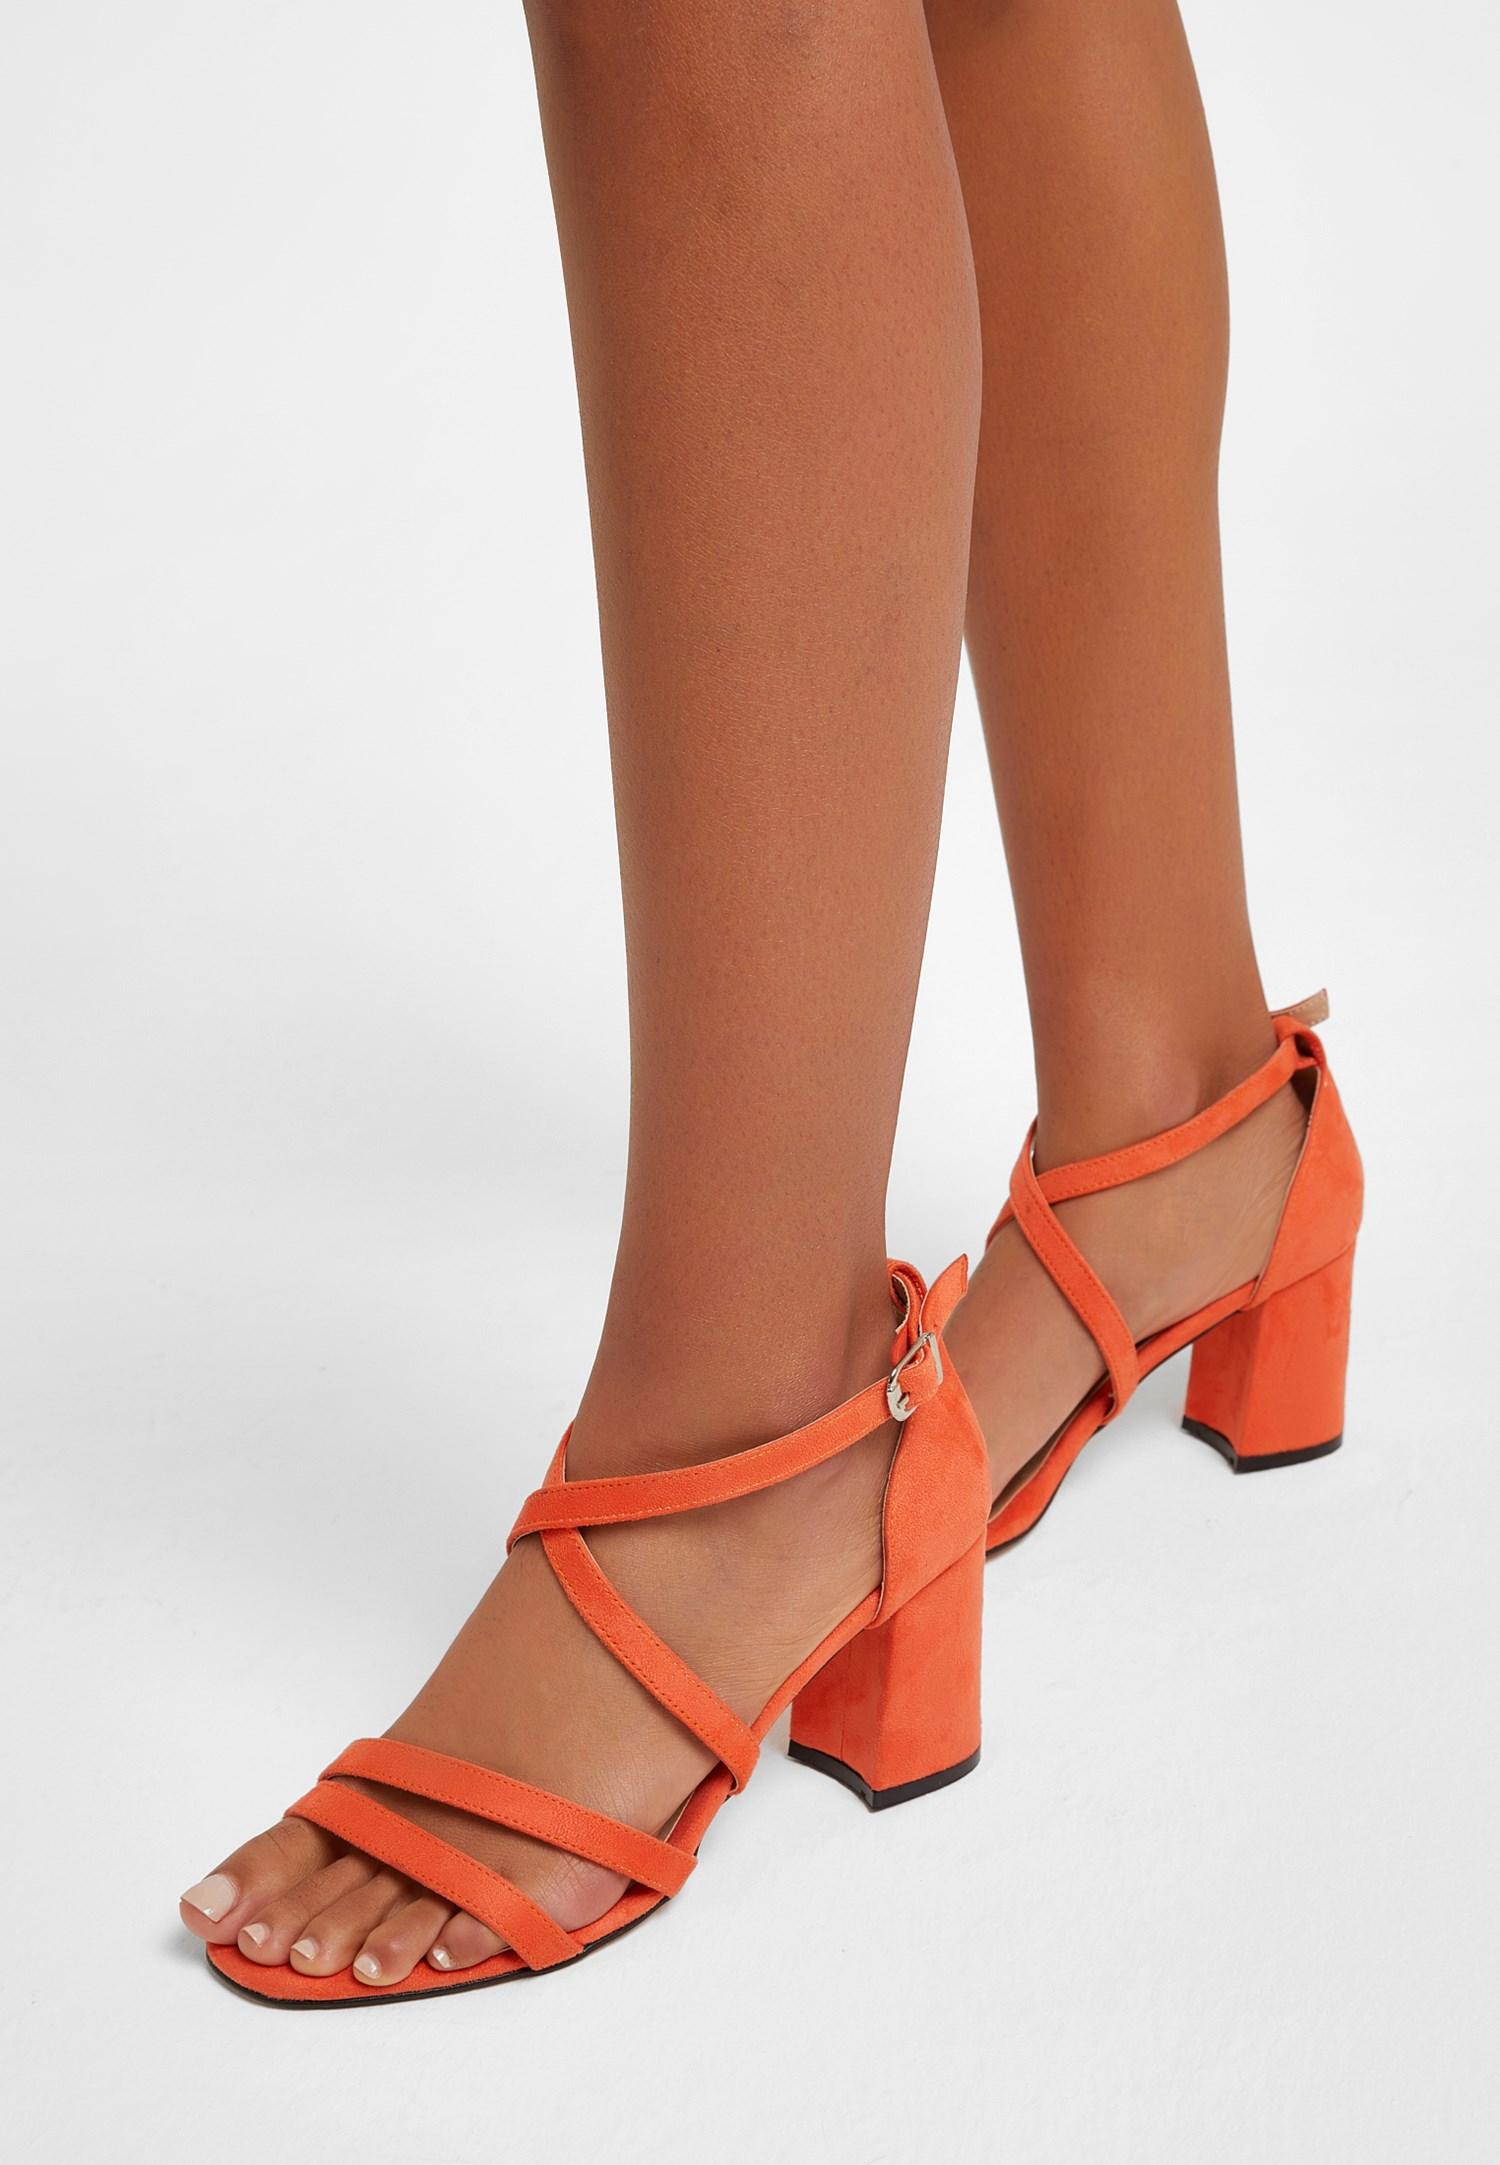 Bayan Turuncu Bant Detaylı Topuklu Ayakkabı